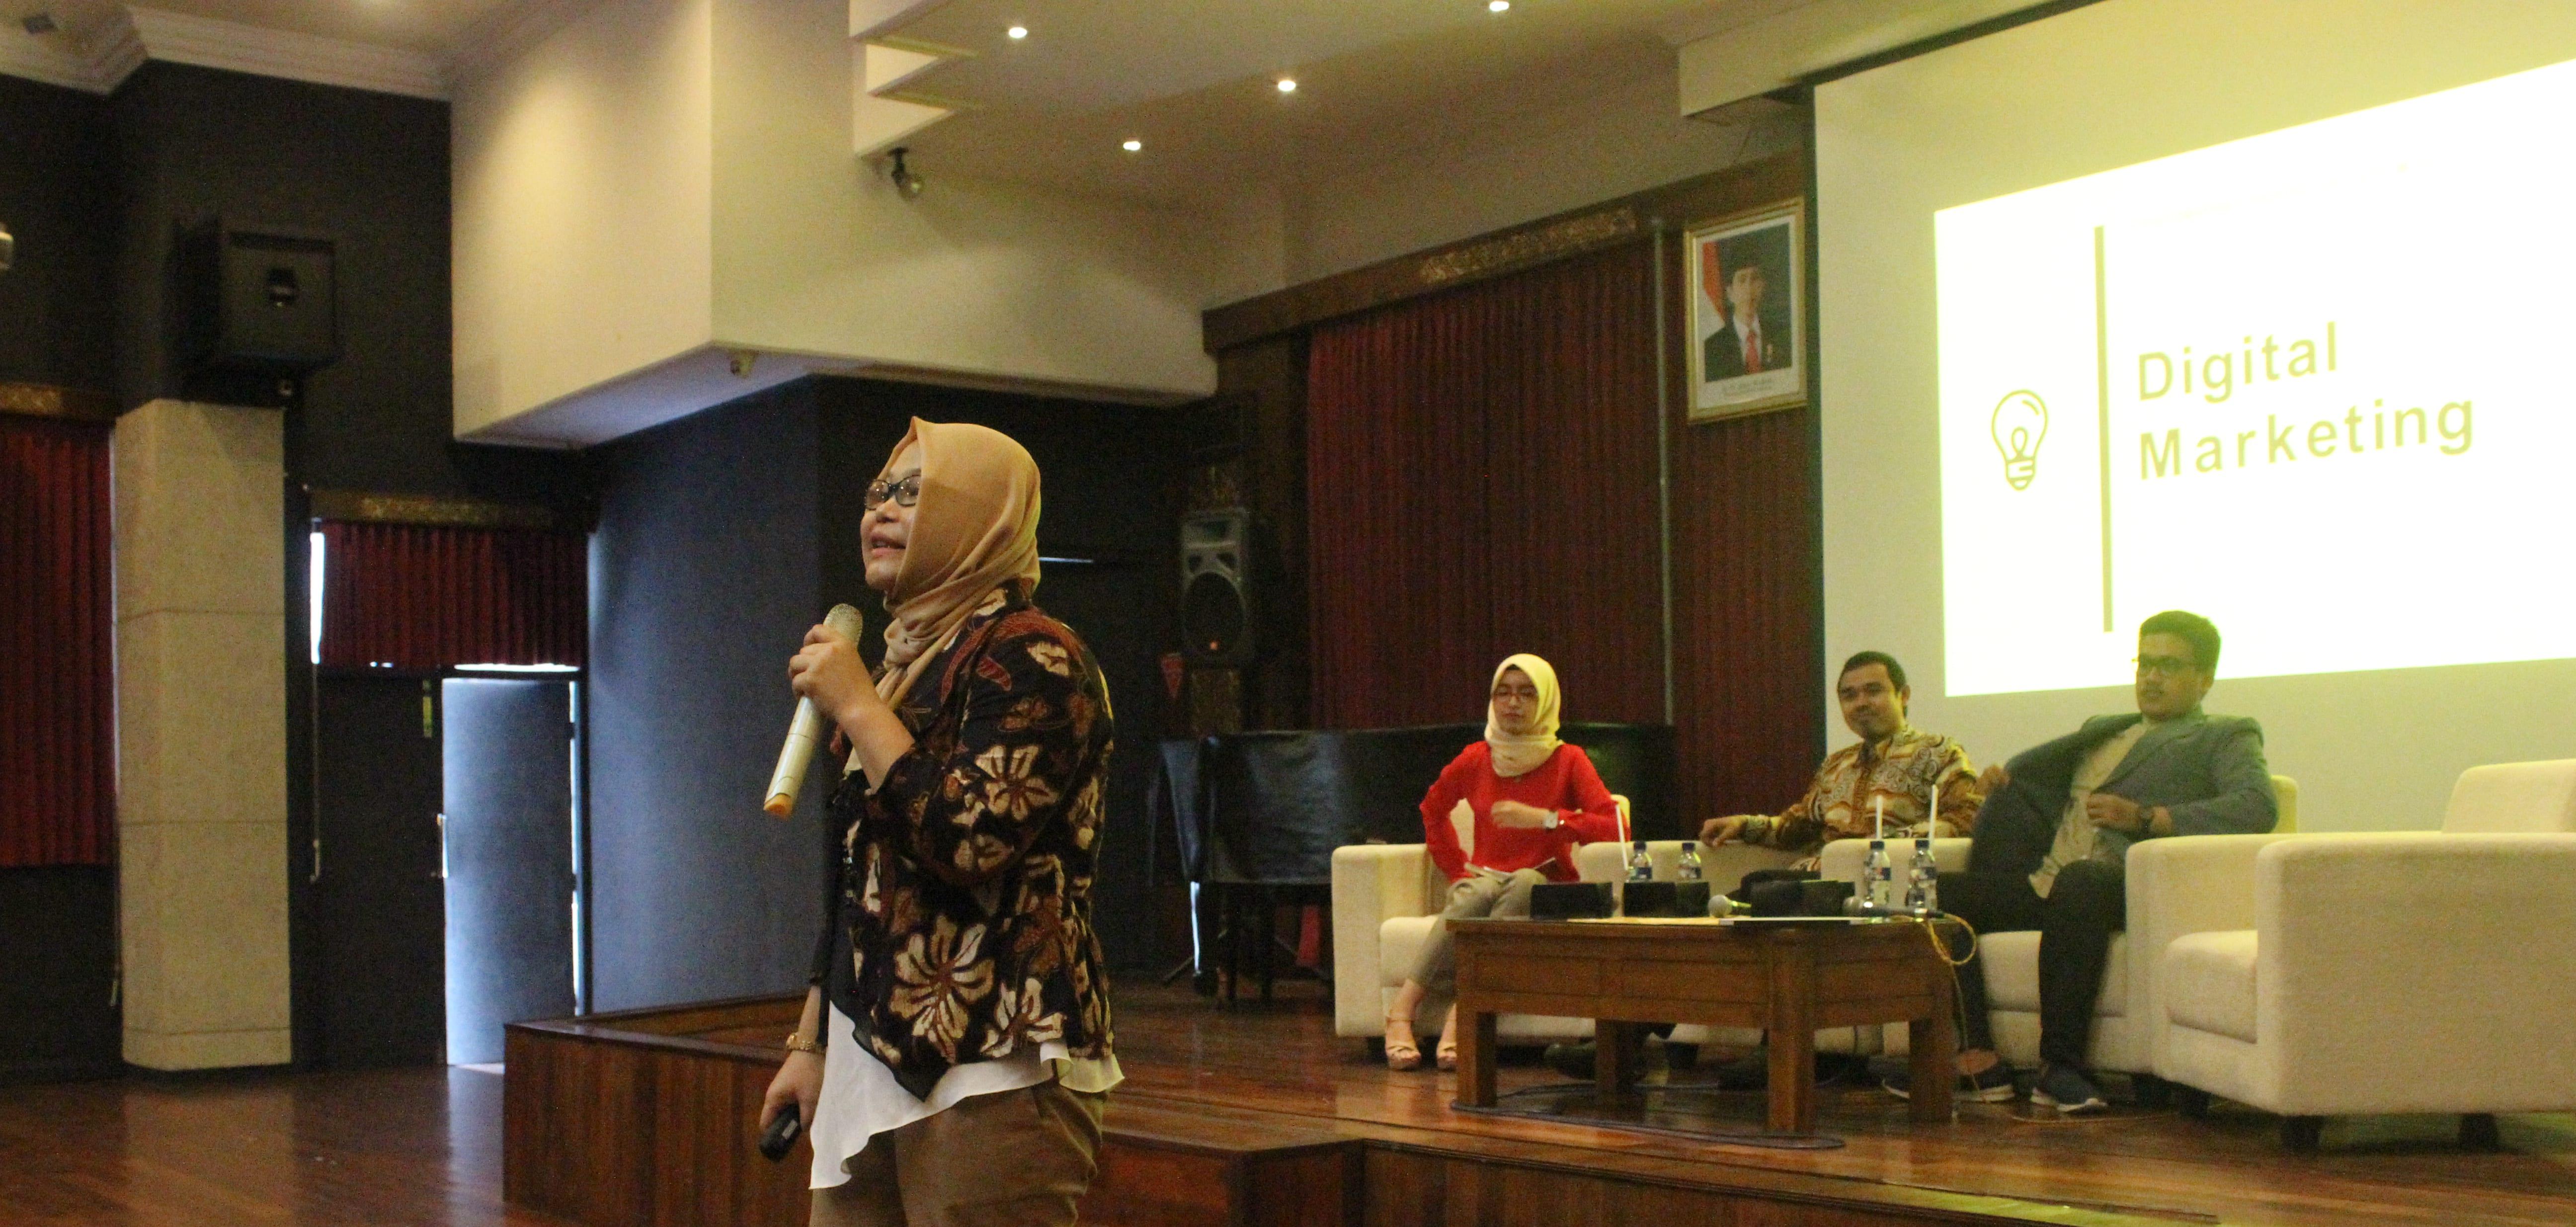 Seminar Kewirausahaan PMW: Trade 1.0 Digital Marketing and Bussiness